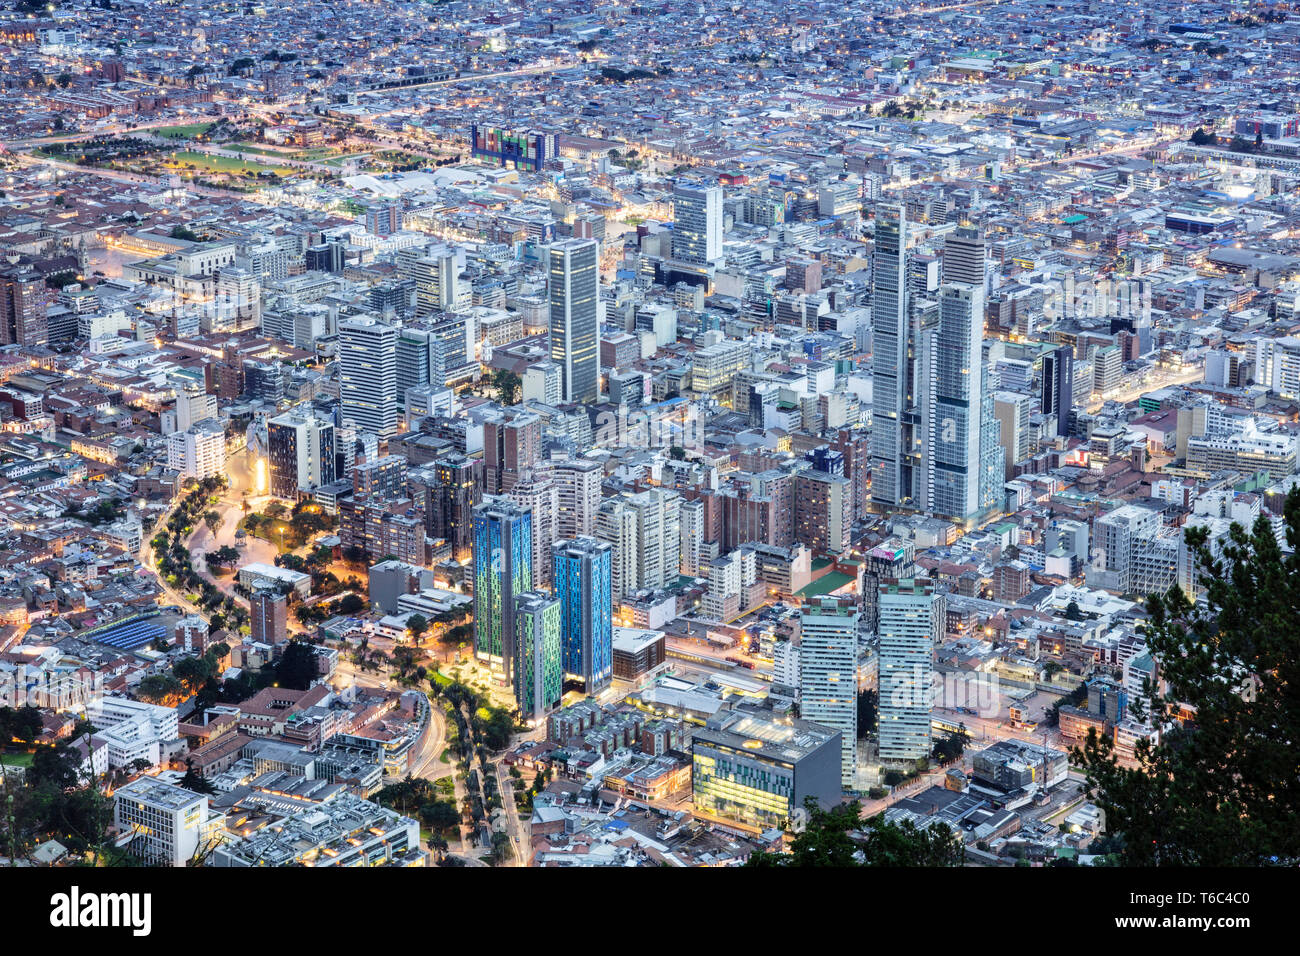 L'Amérique du Sud, Colombie, Bogota, élevée sur le centre-ville montrant les bâtiments illuminés Photo Stock